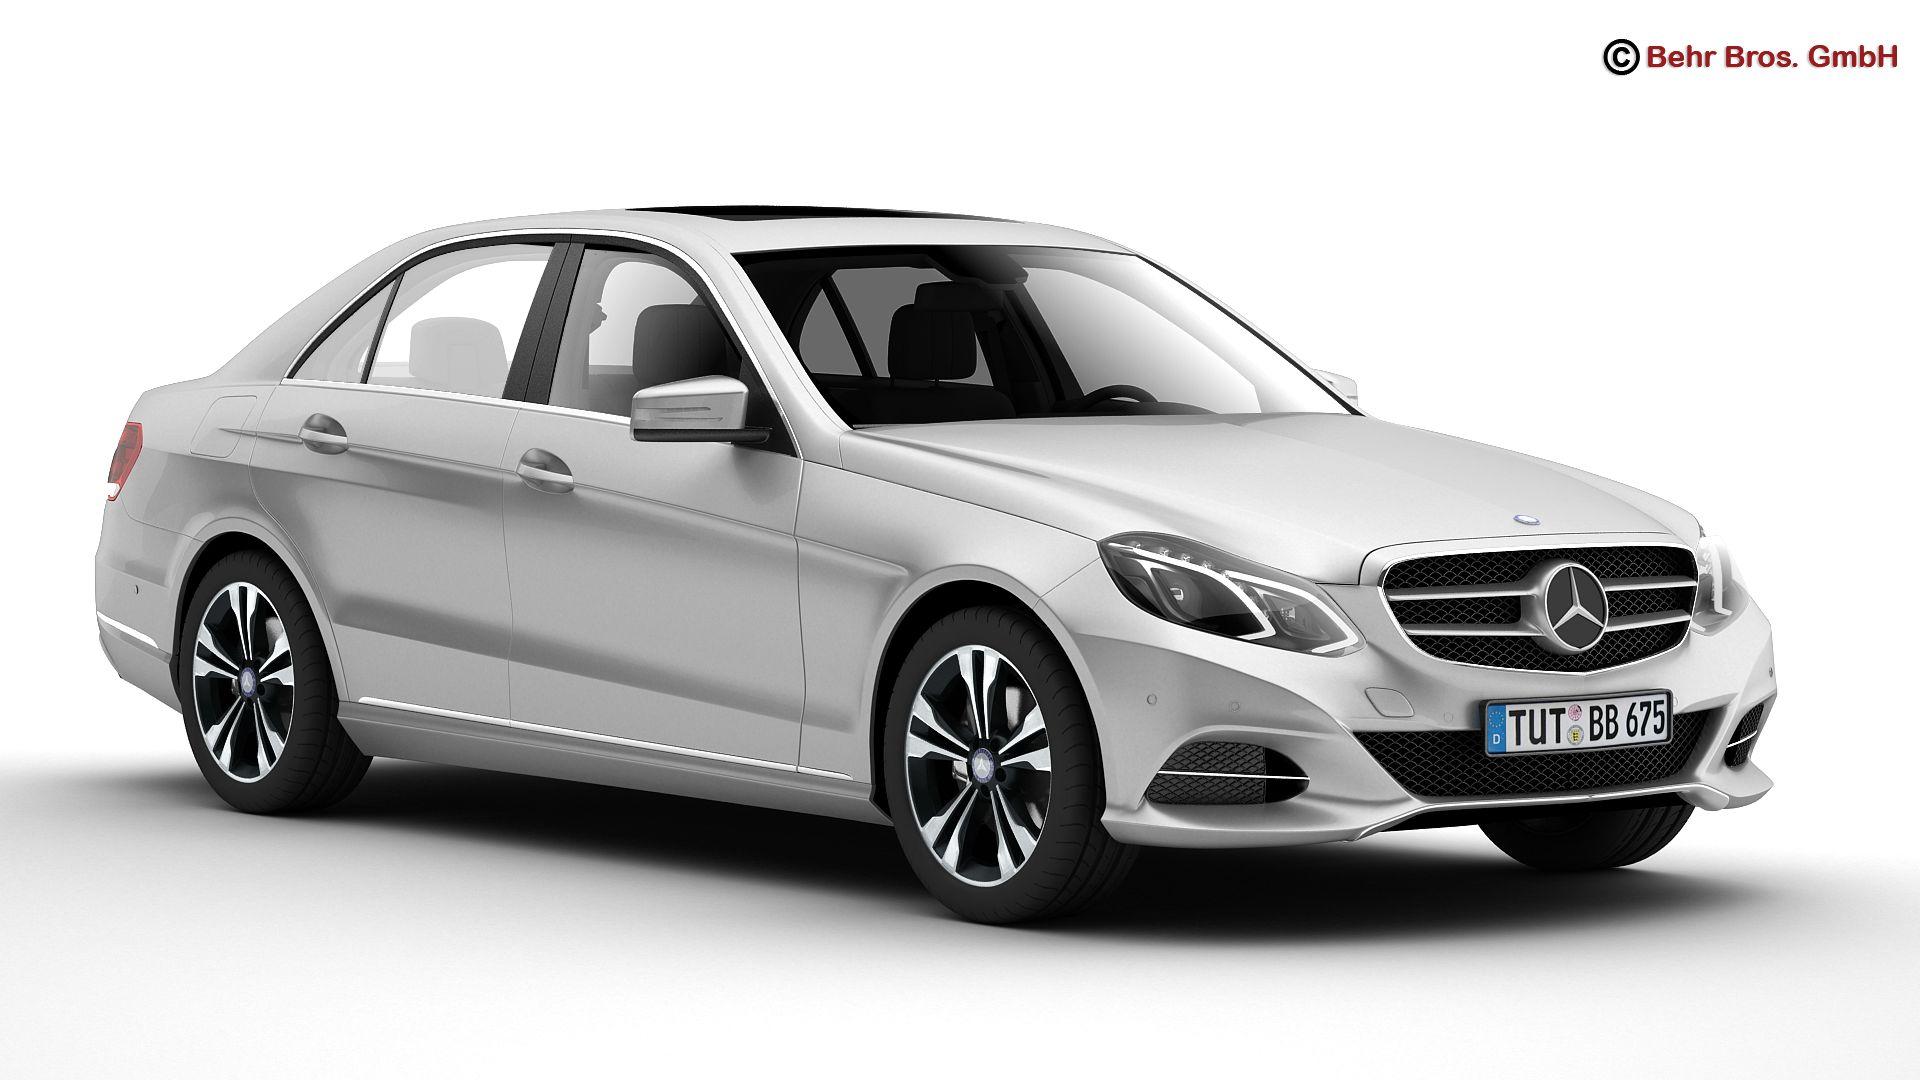 mercedes e class 2014 3d model 3ds max fbx c4d lwo ma mb obj 159712